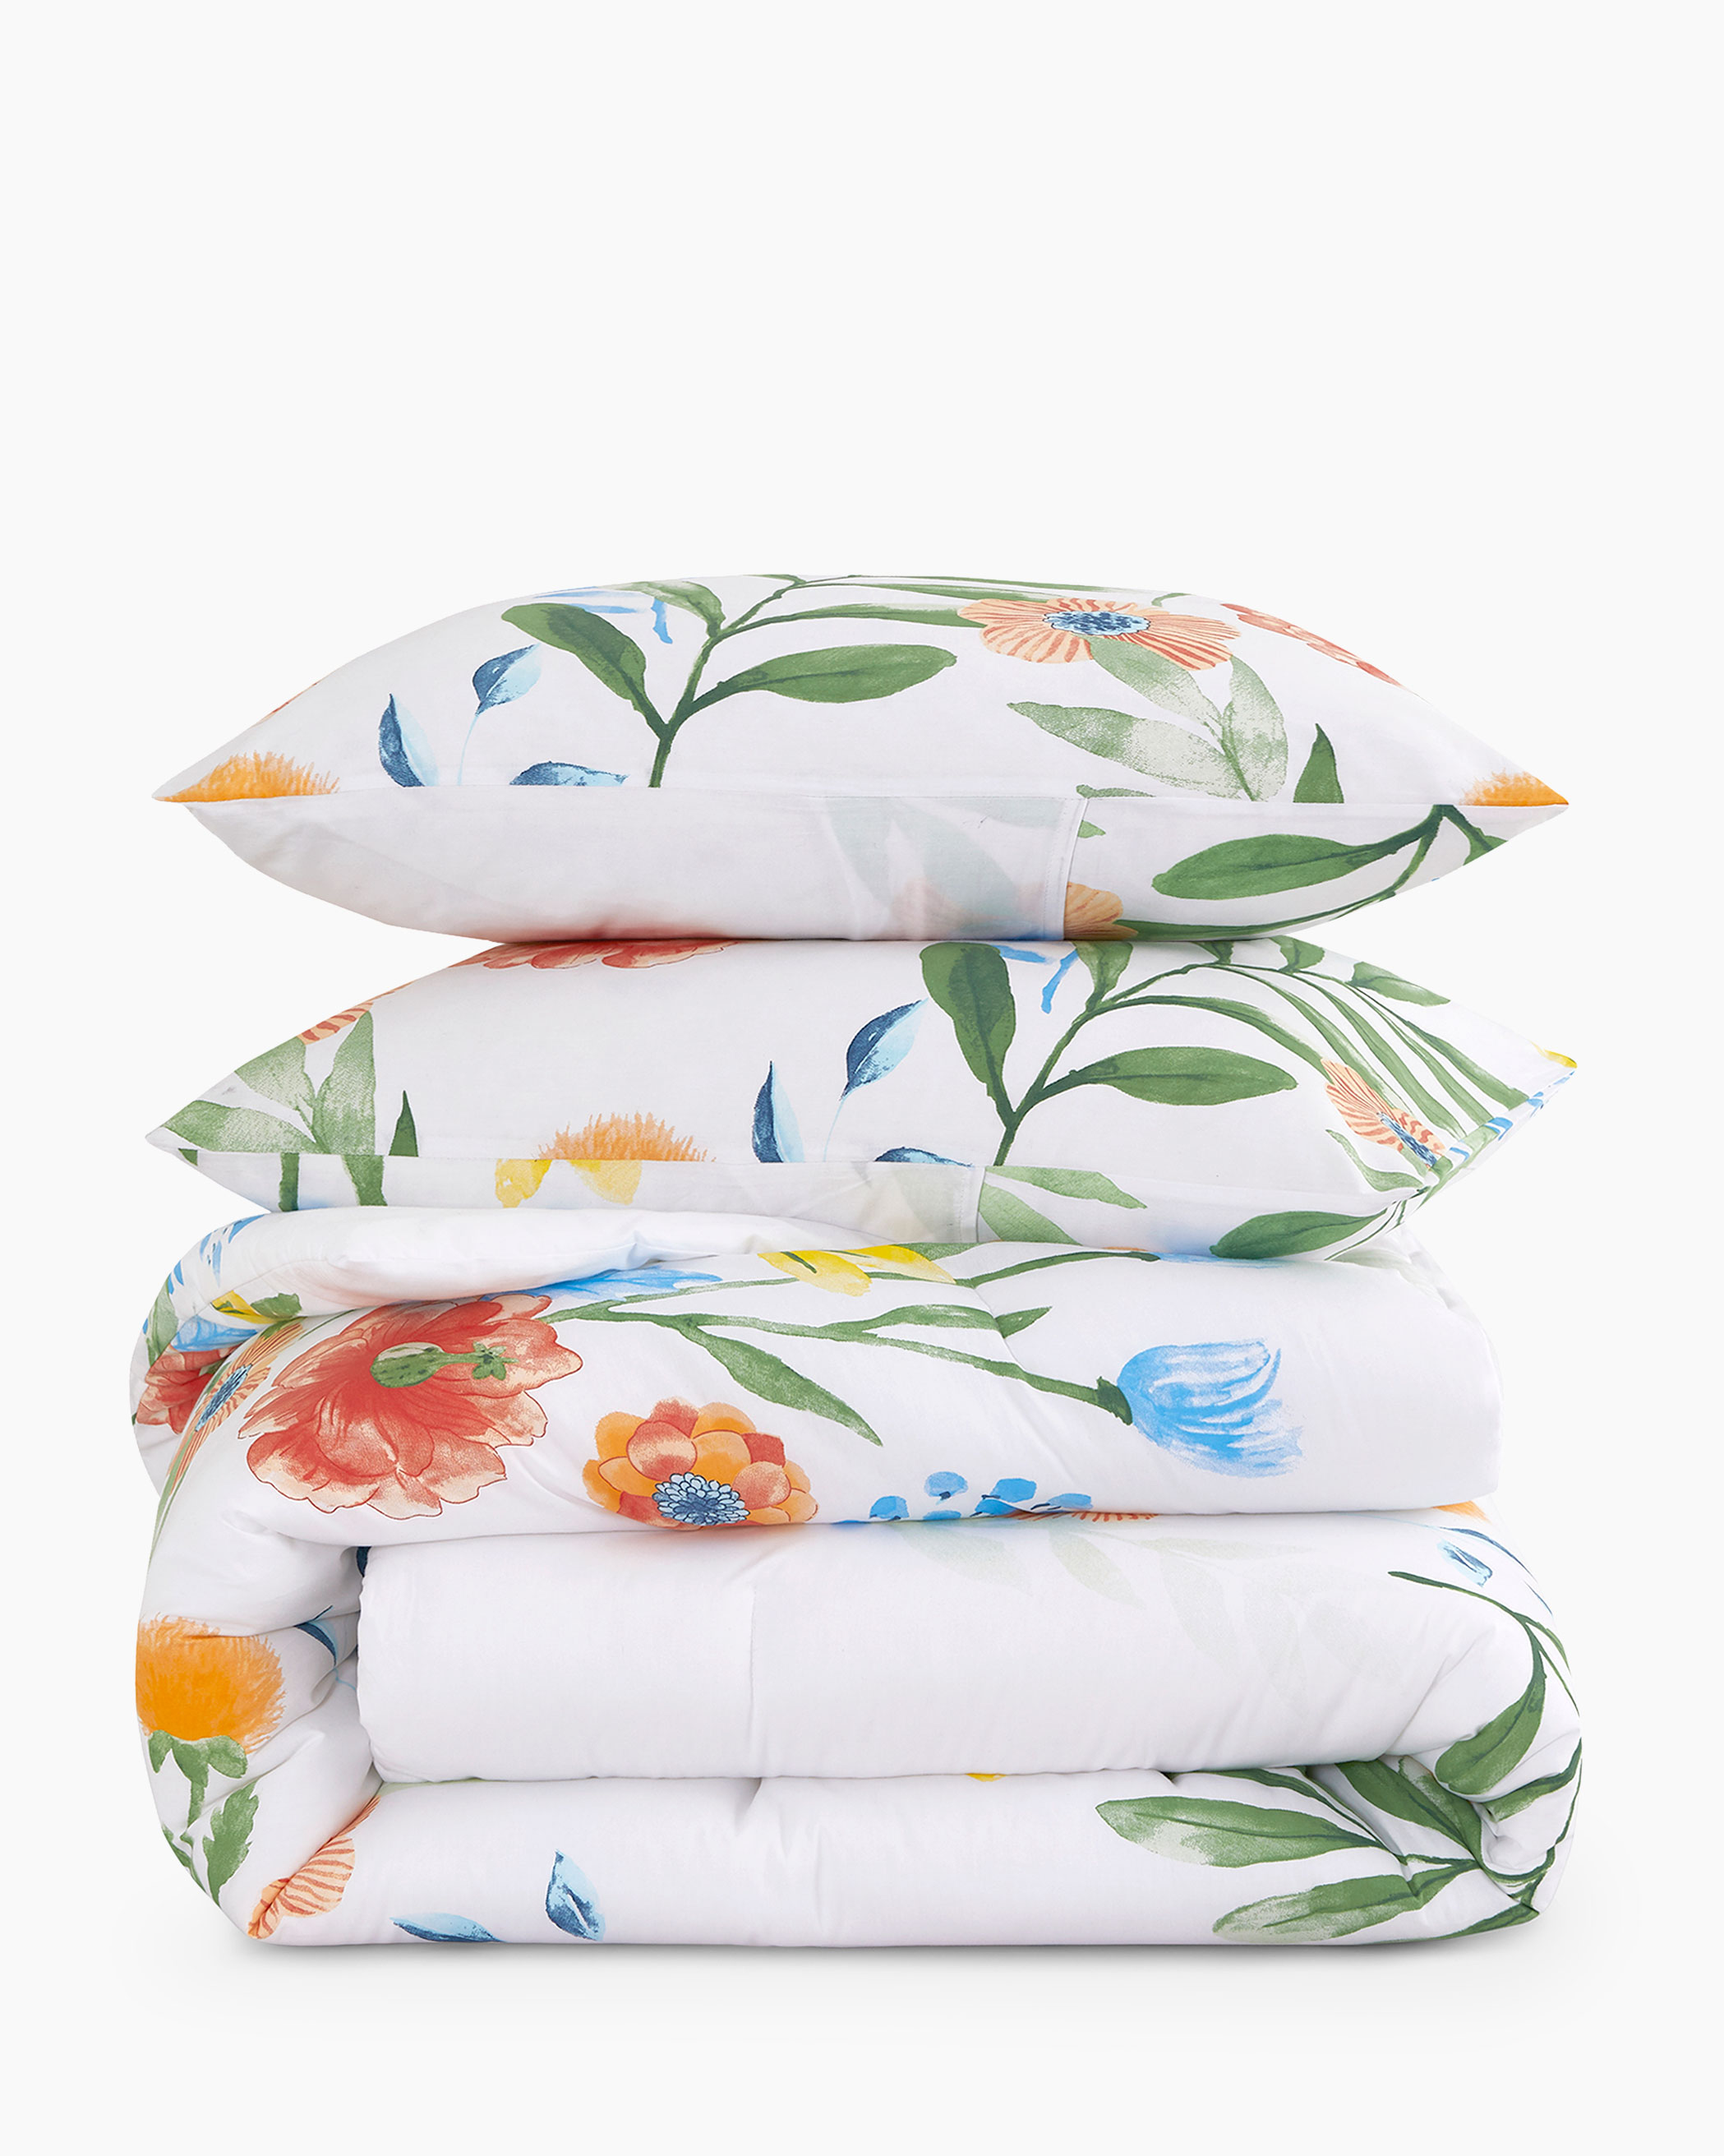 Watercolor Floral Cotton Comforter Set